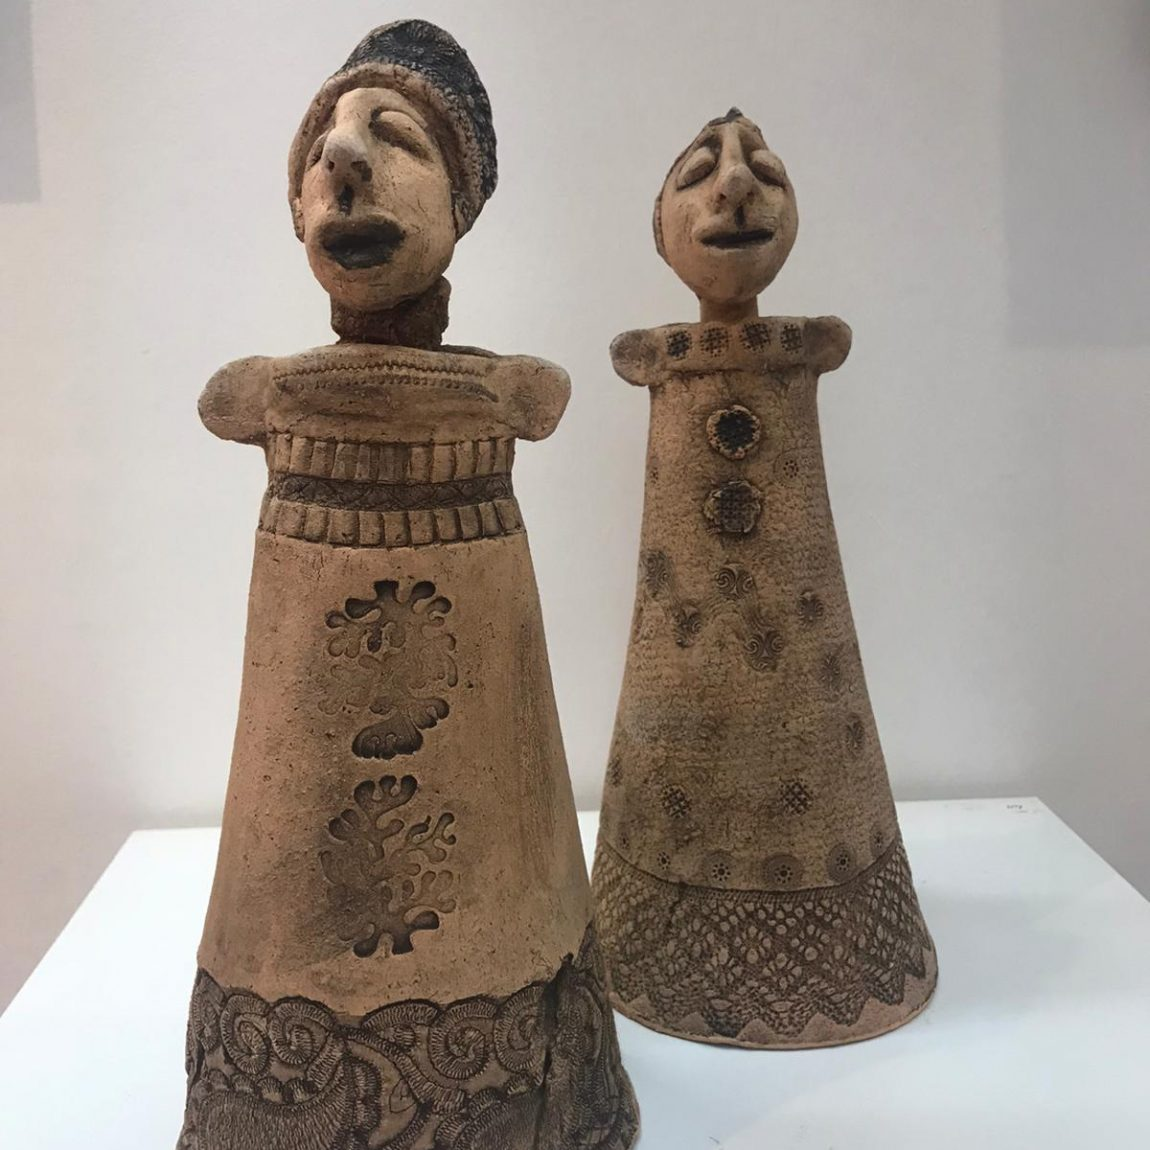 Ümit Z.BAYINDIR GEZGİN- Teknik:Seramik - heykel Birim Fiyat:2.065 TL